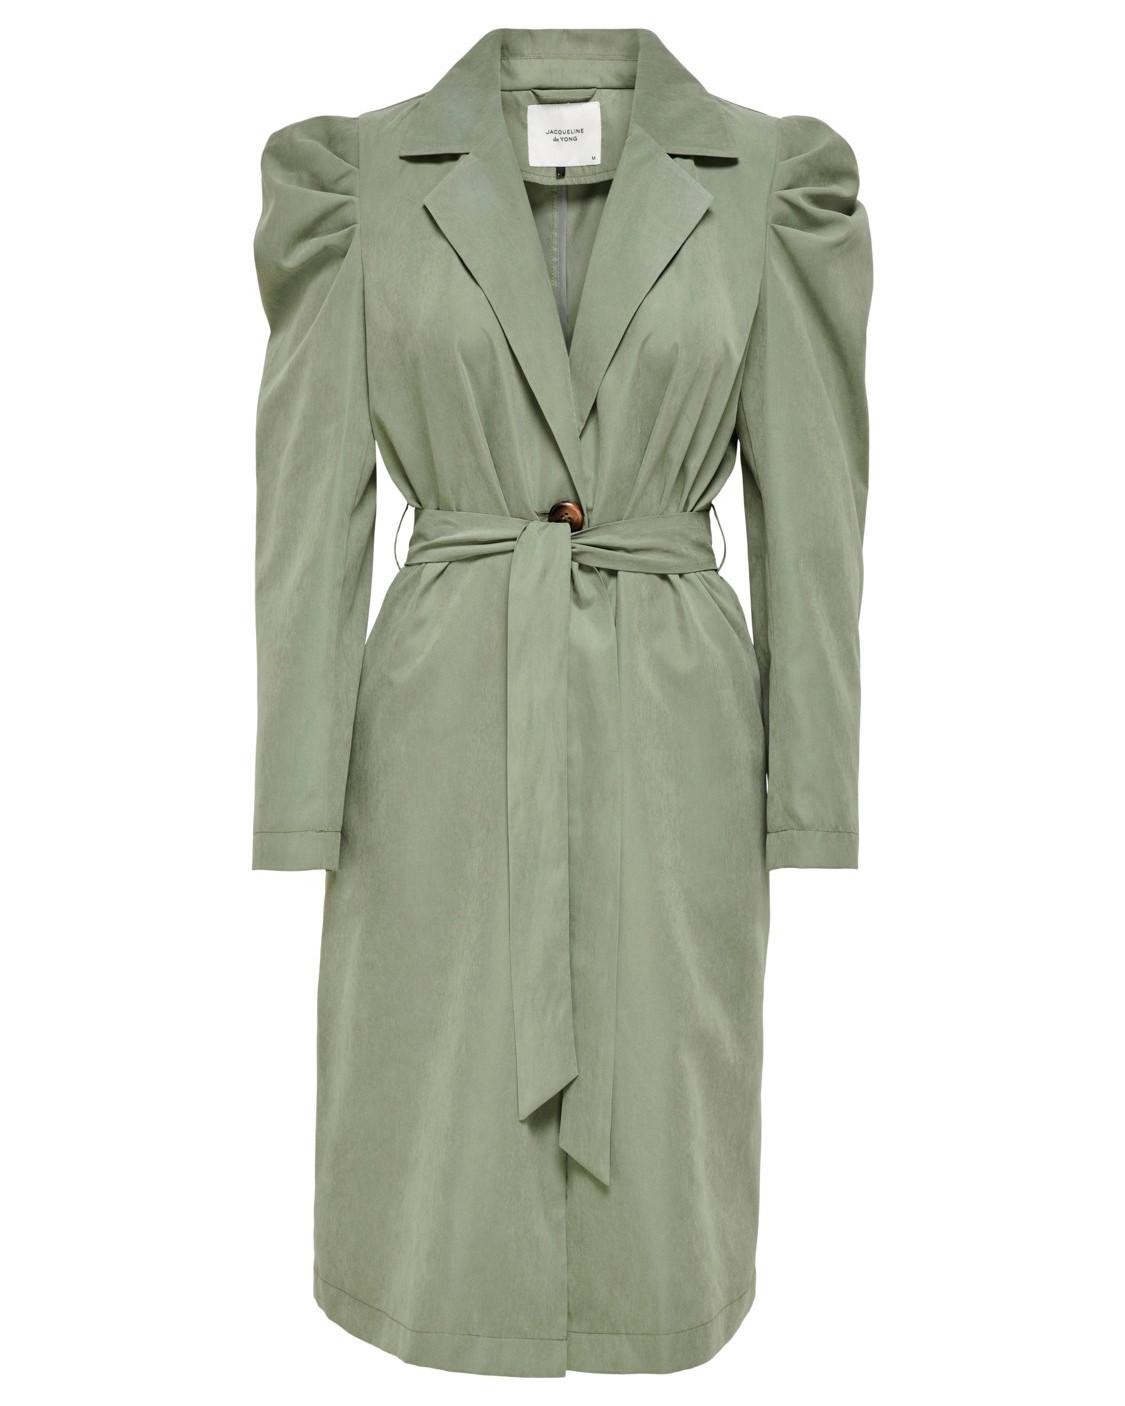 Marchio Jacqueline De Yong Genere Donna Tipologia Cappotti Stagione Primave…